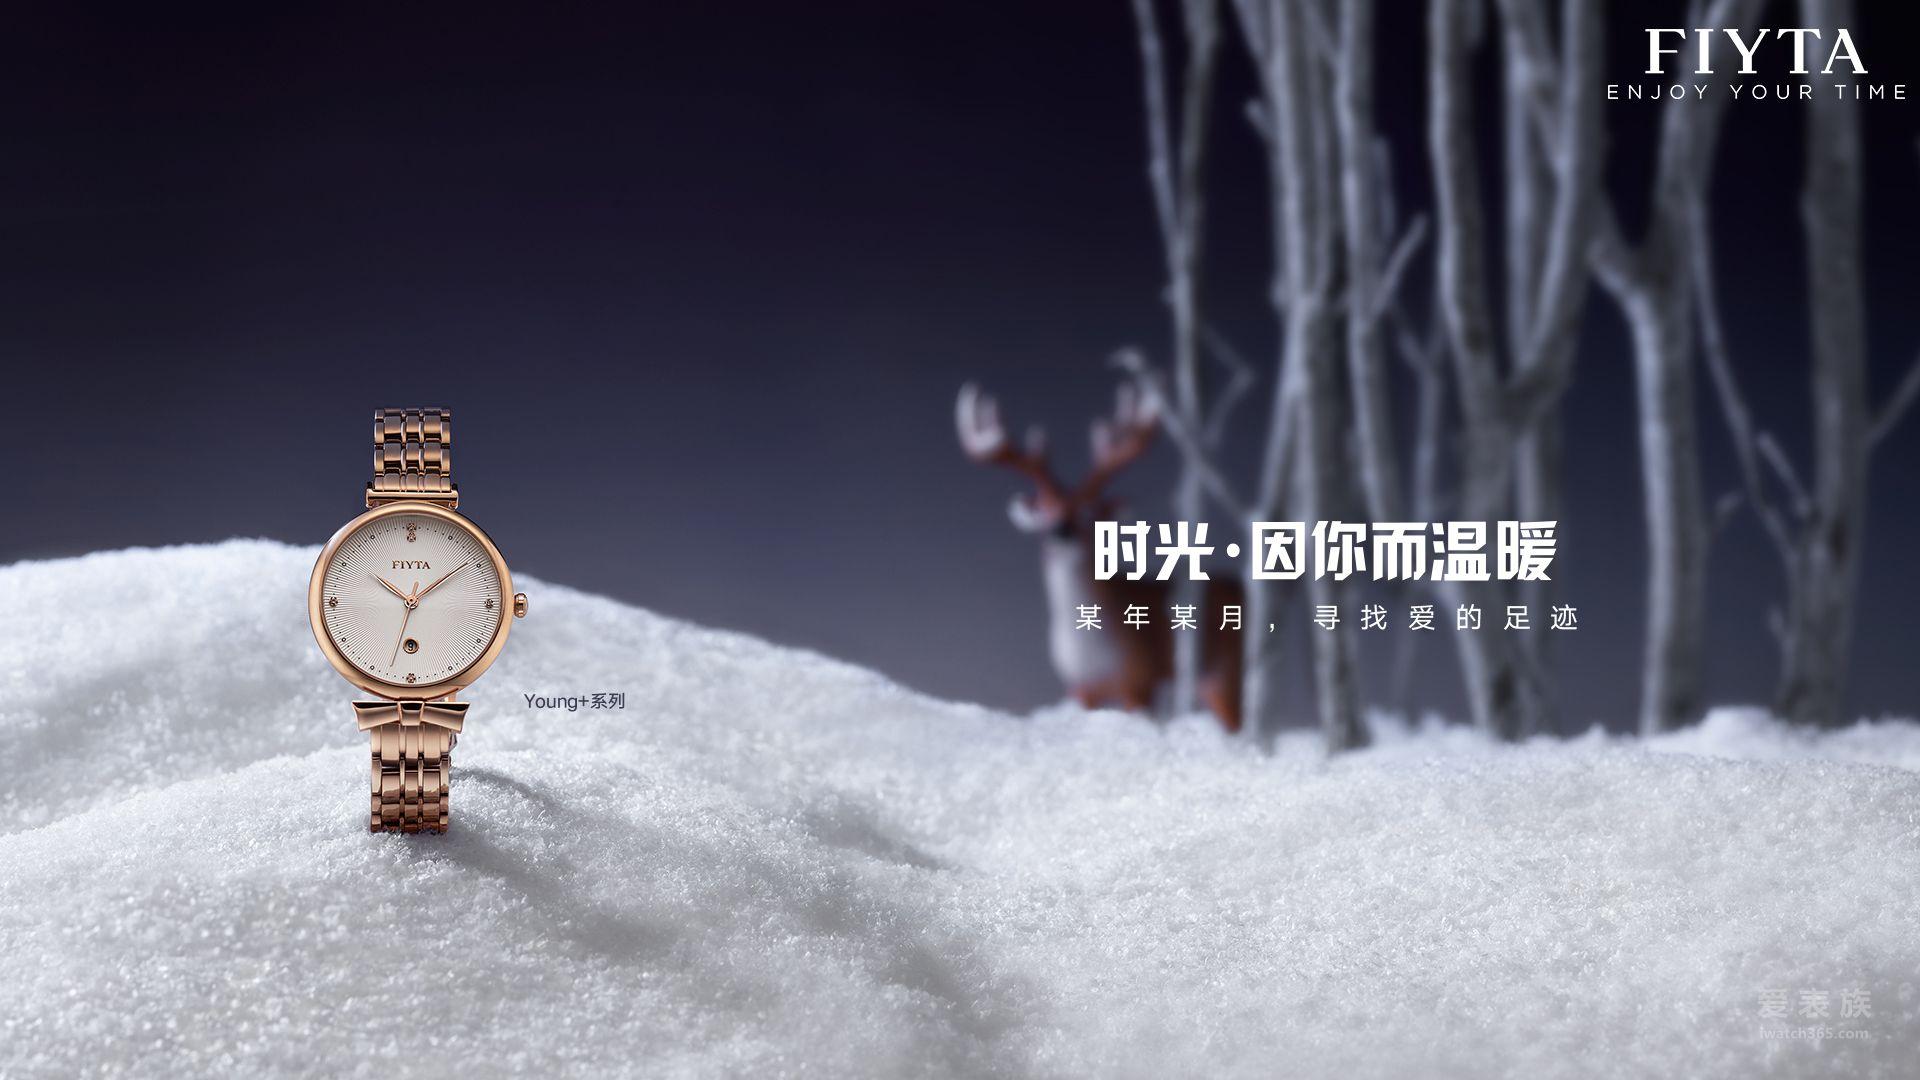 时光·因你而温暖 ——飞亚达与你相伴温暖冬日,悦享时光馈赠